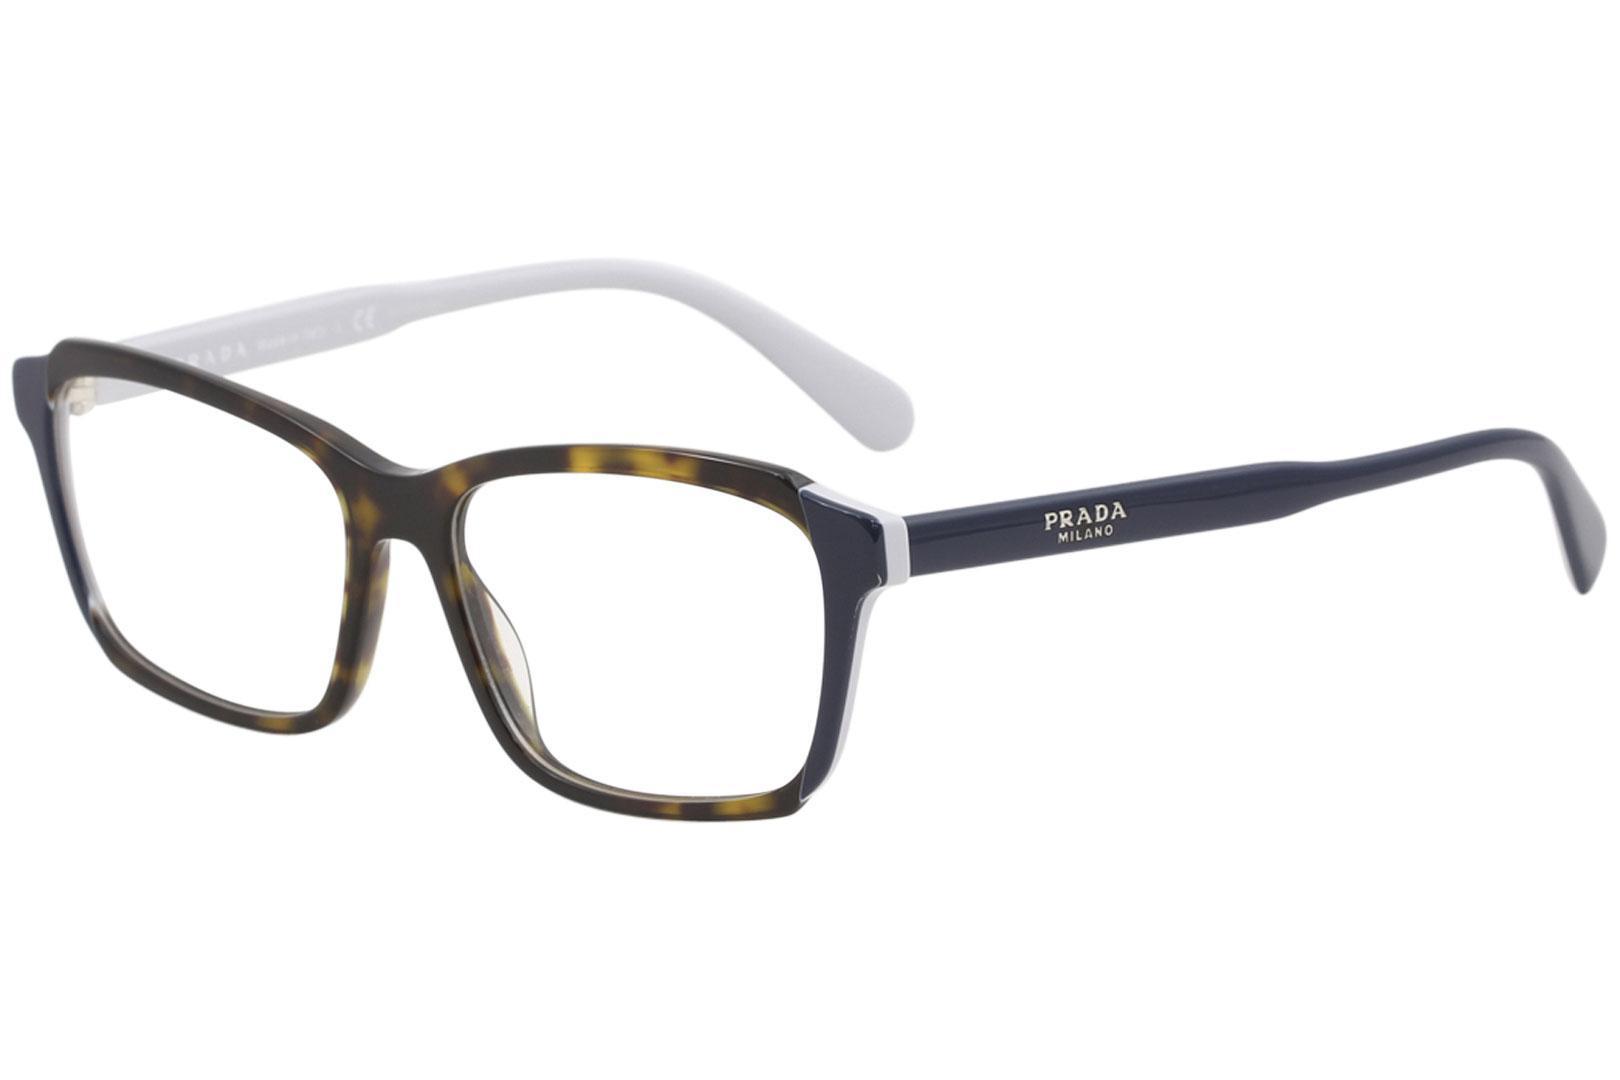 b568f505789 Prada Women s Eyeglasses VPR01V VPR 01 V Full Rim Optical Frame